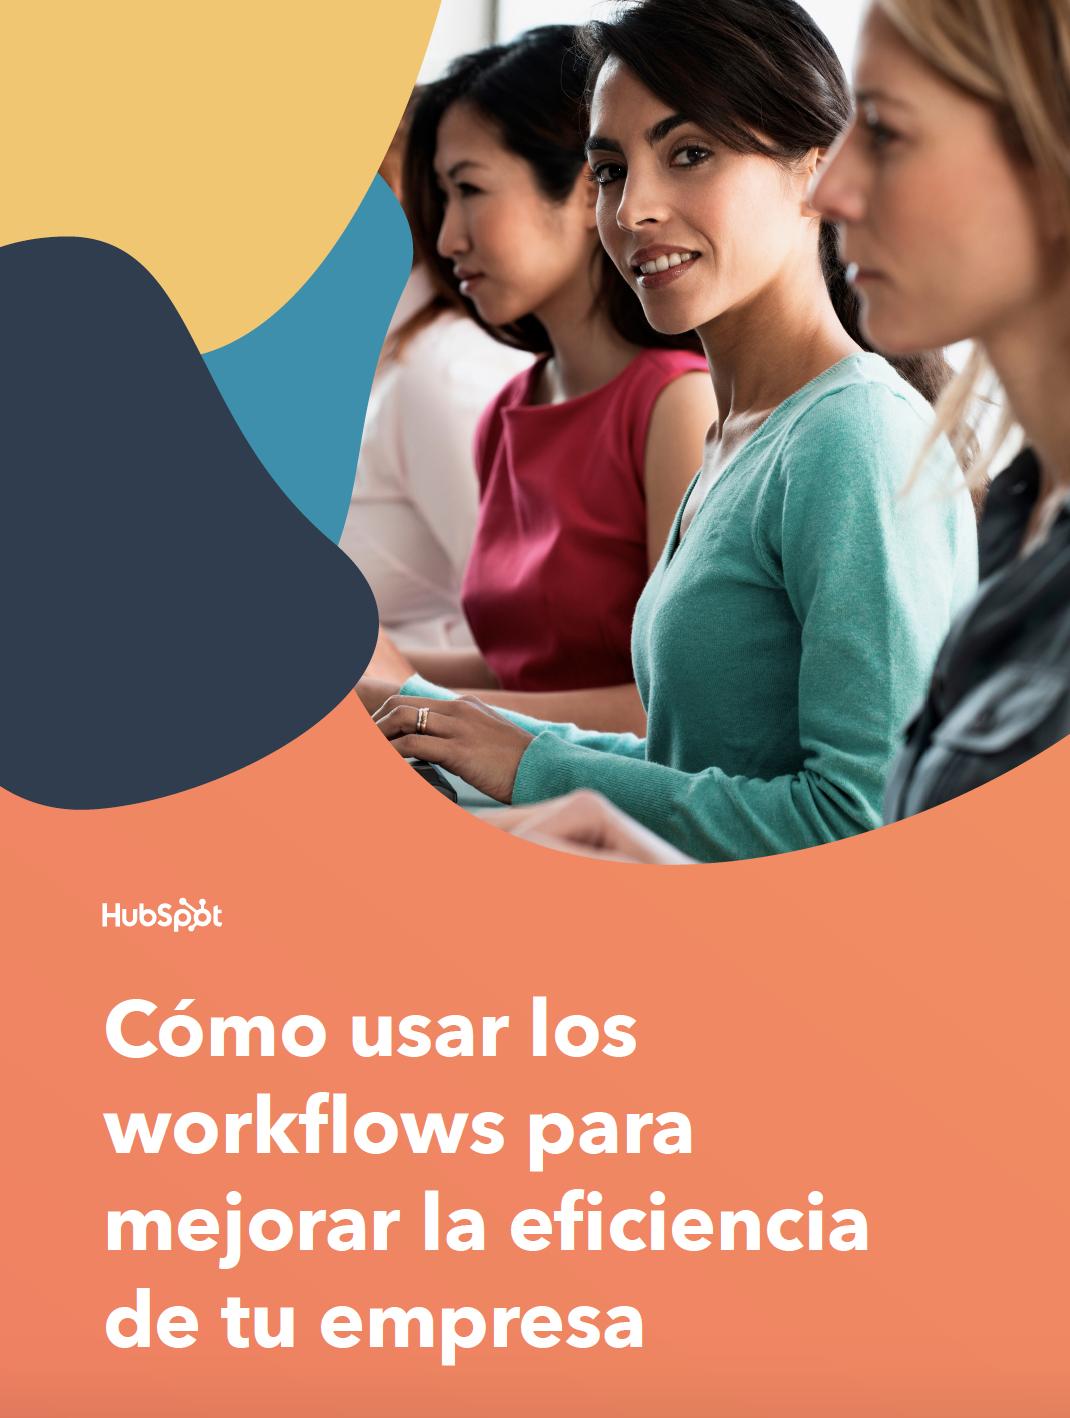 Cómo usar la función de workflows en HubSpot